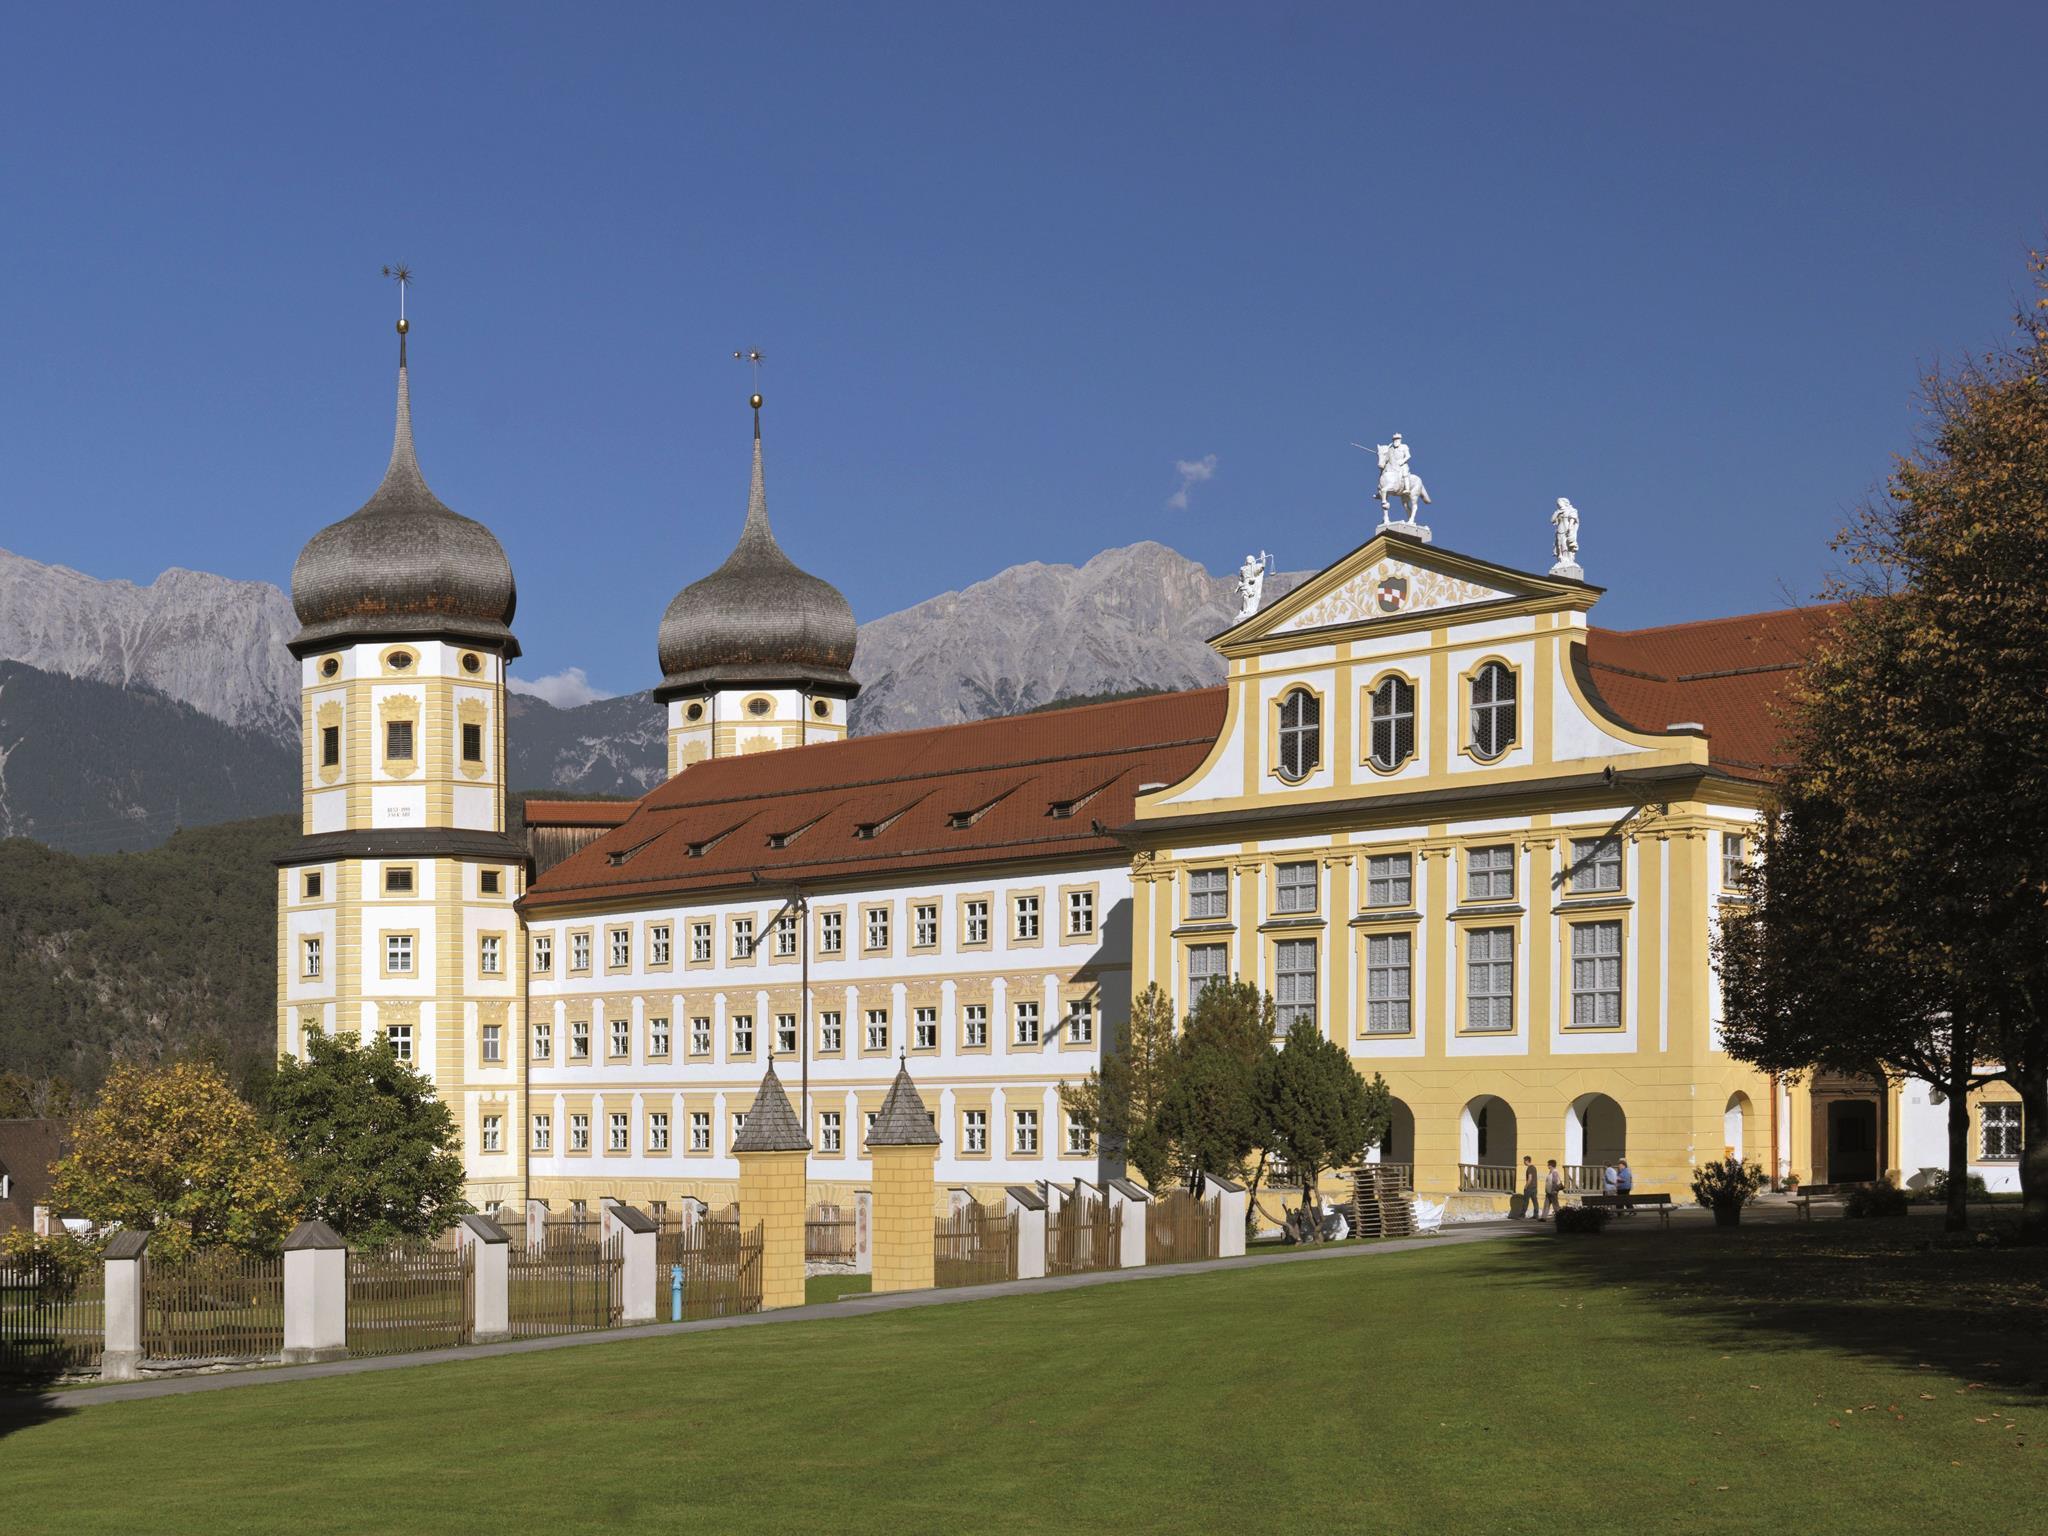 Zisterzienserkloster Stift Stams